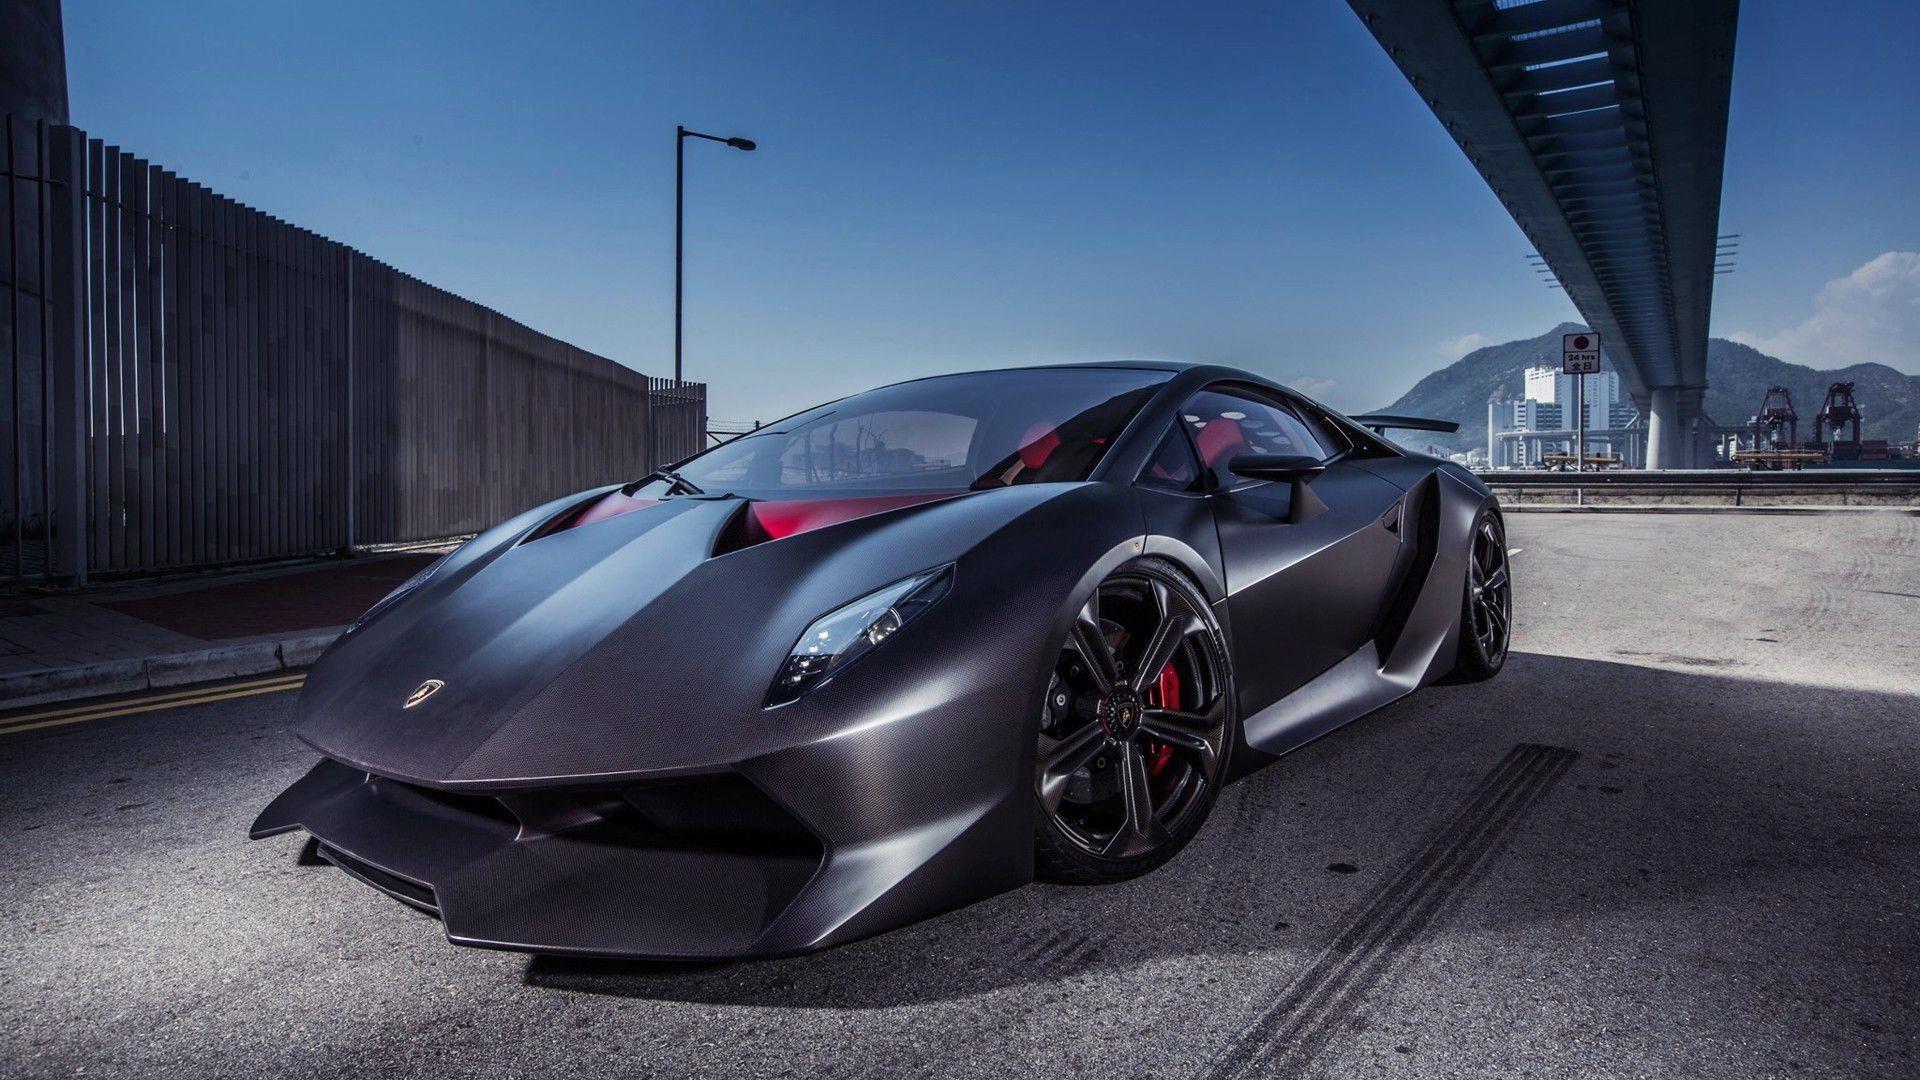 Lamborghini Sesto Elemento - Google Search #lamborghinisestoelementowallpapers #lamborghinisestoelemento